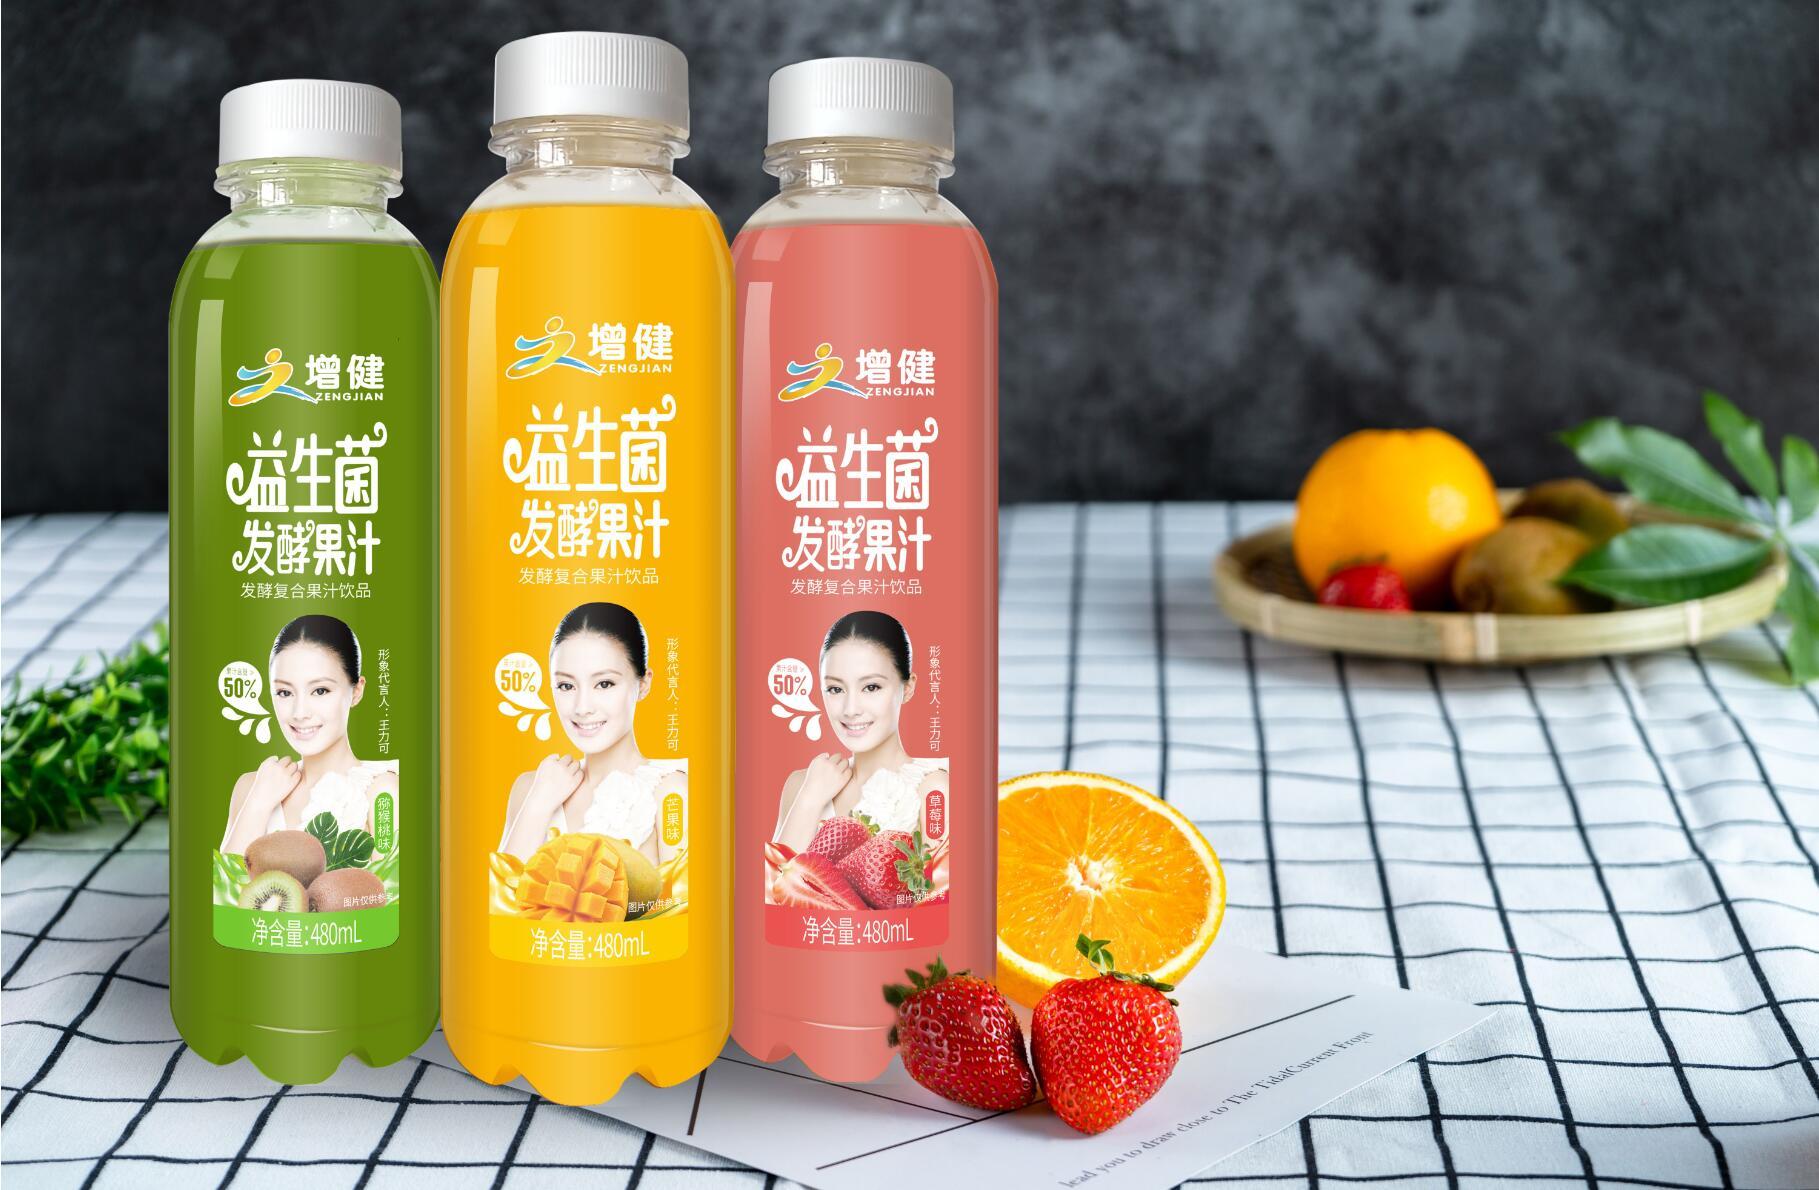 益生菌发酵果汁批发商_发酵果汁生产厂家相关-河南增健绿色饮品有限公司